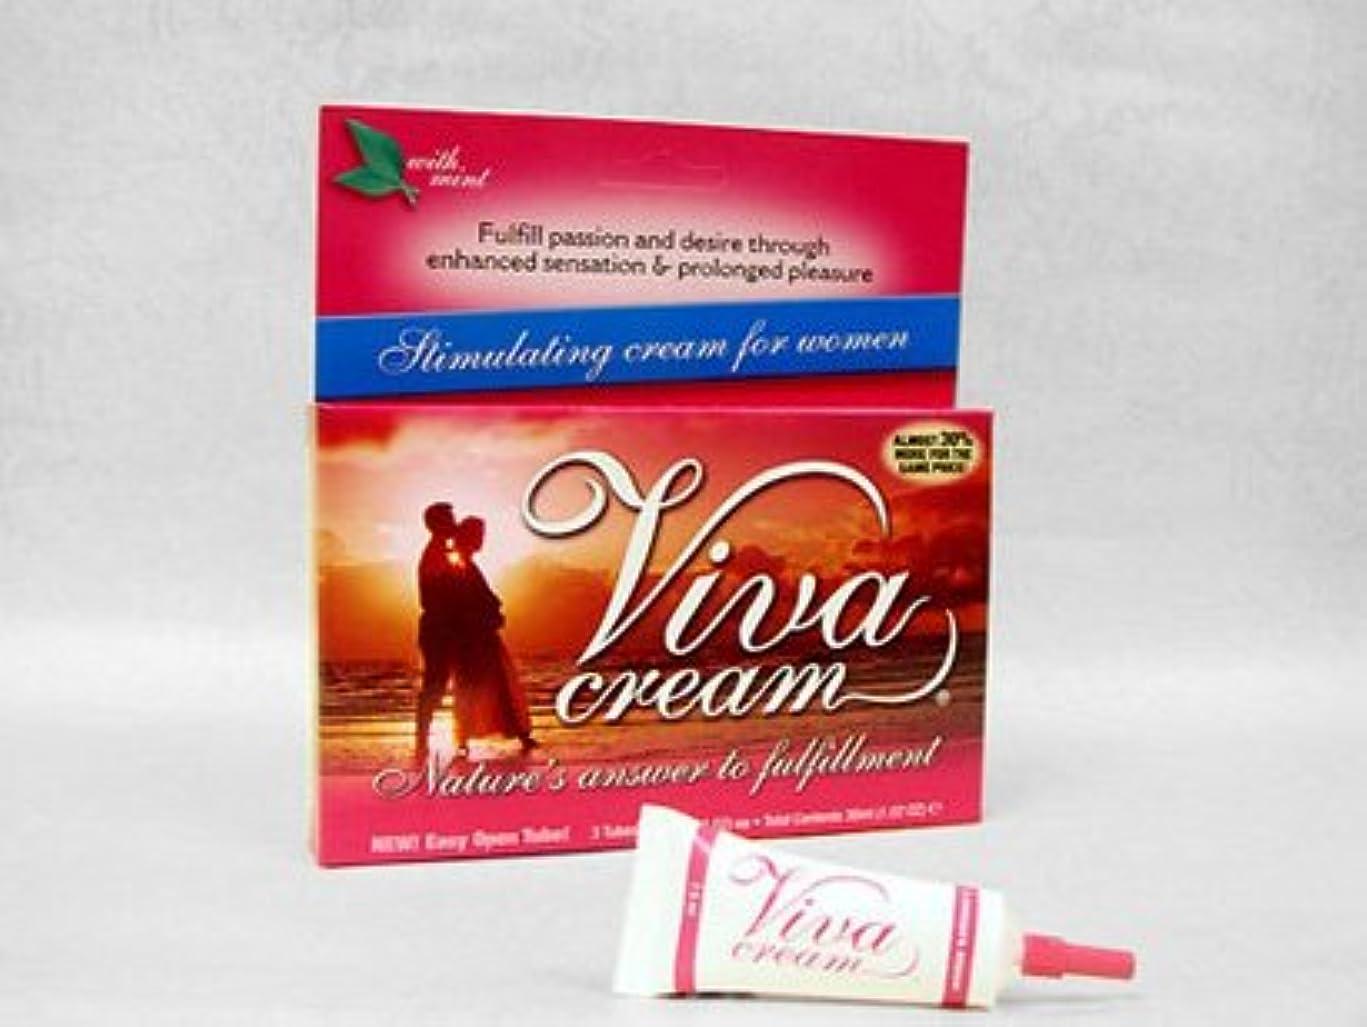 ビバクリーム Viva Cream (7.5ml) 3本セット